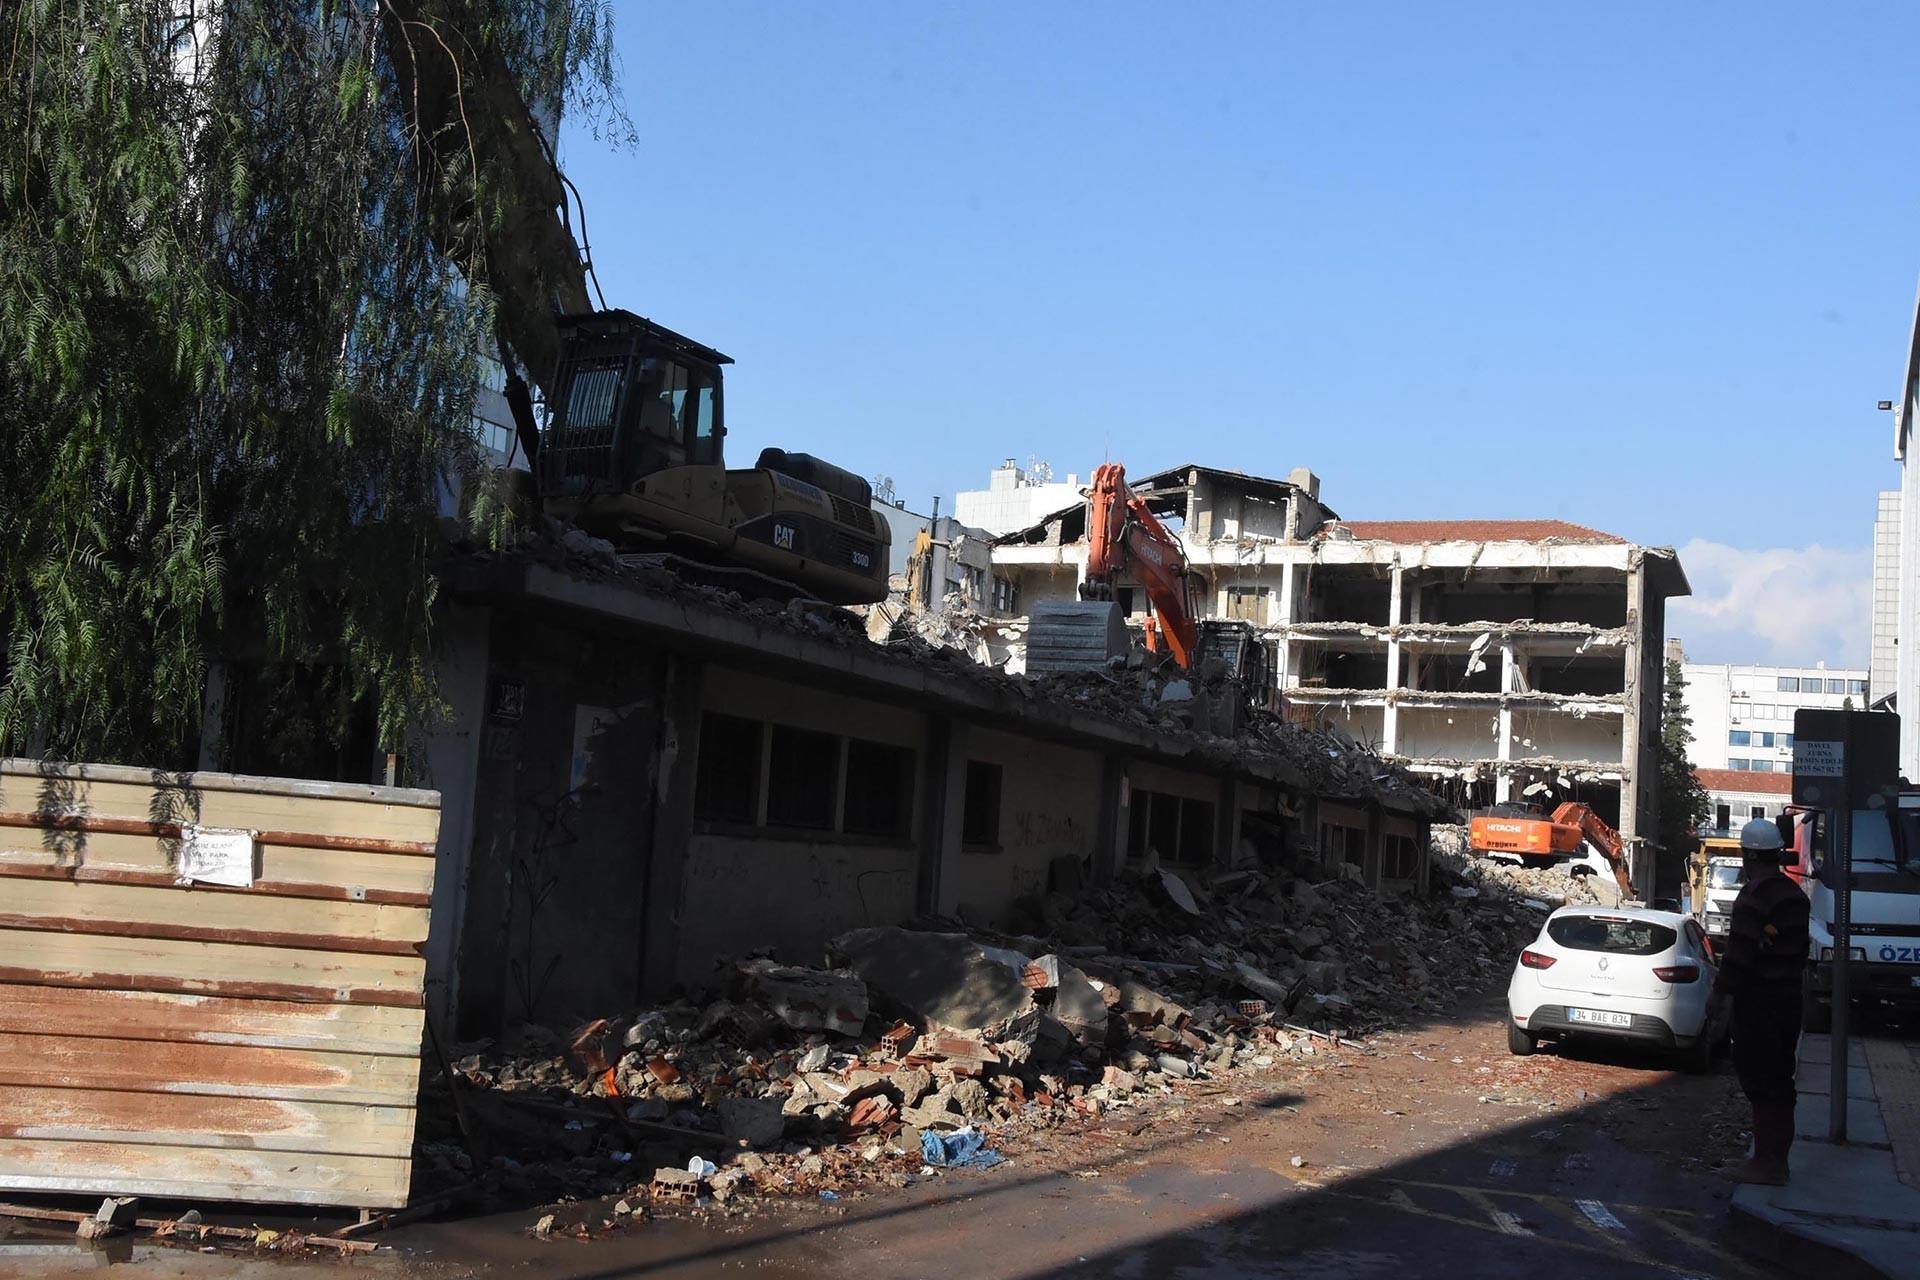 İş makinesi ile yıkılmakta olan eski yapılar